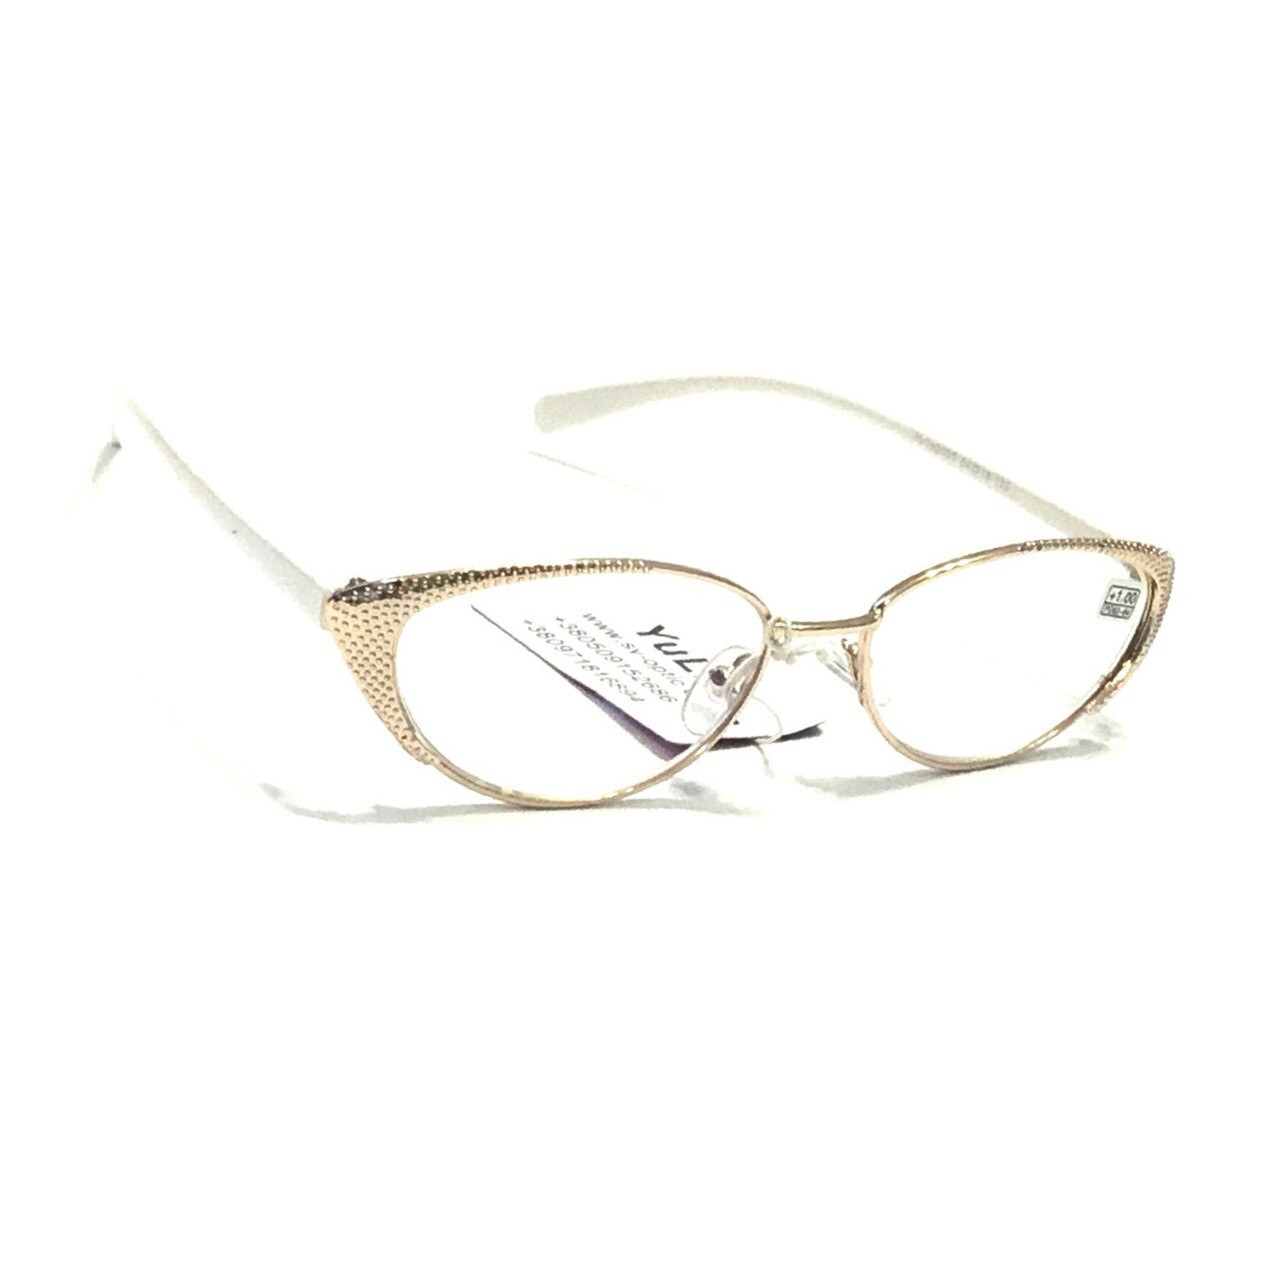 Жіночі окуляри в металевій оправі з лінзою бликовой